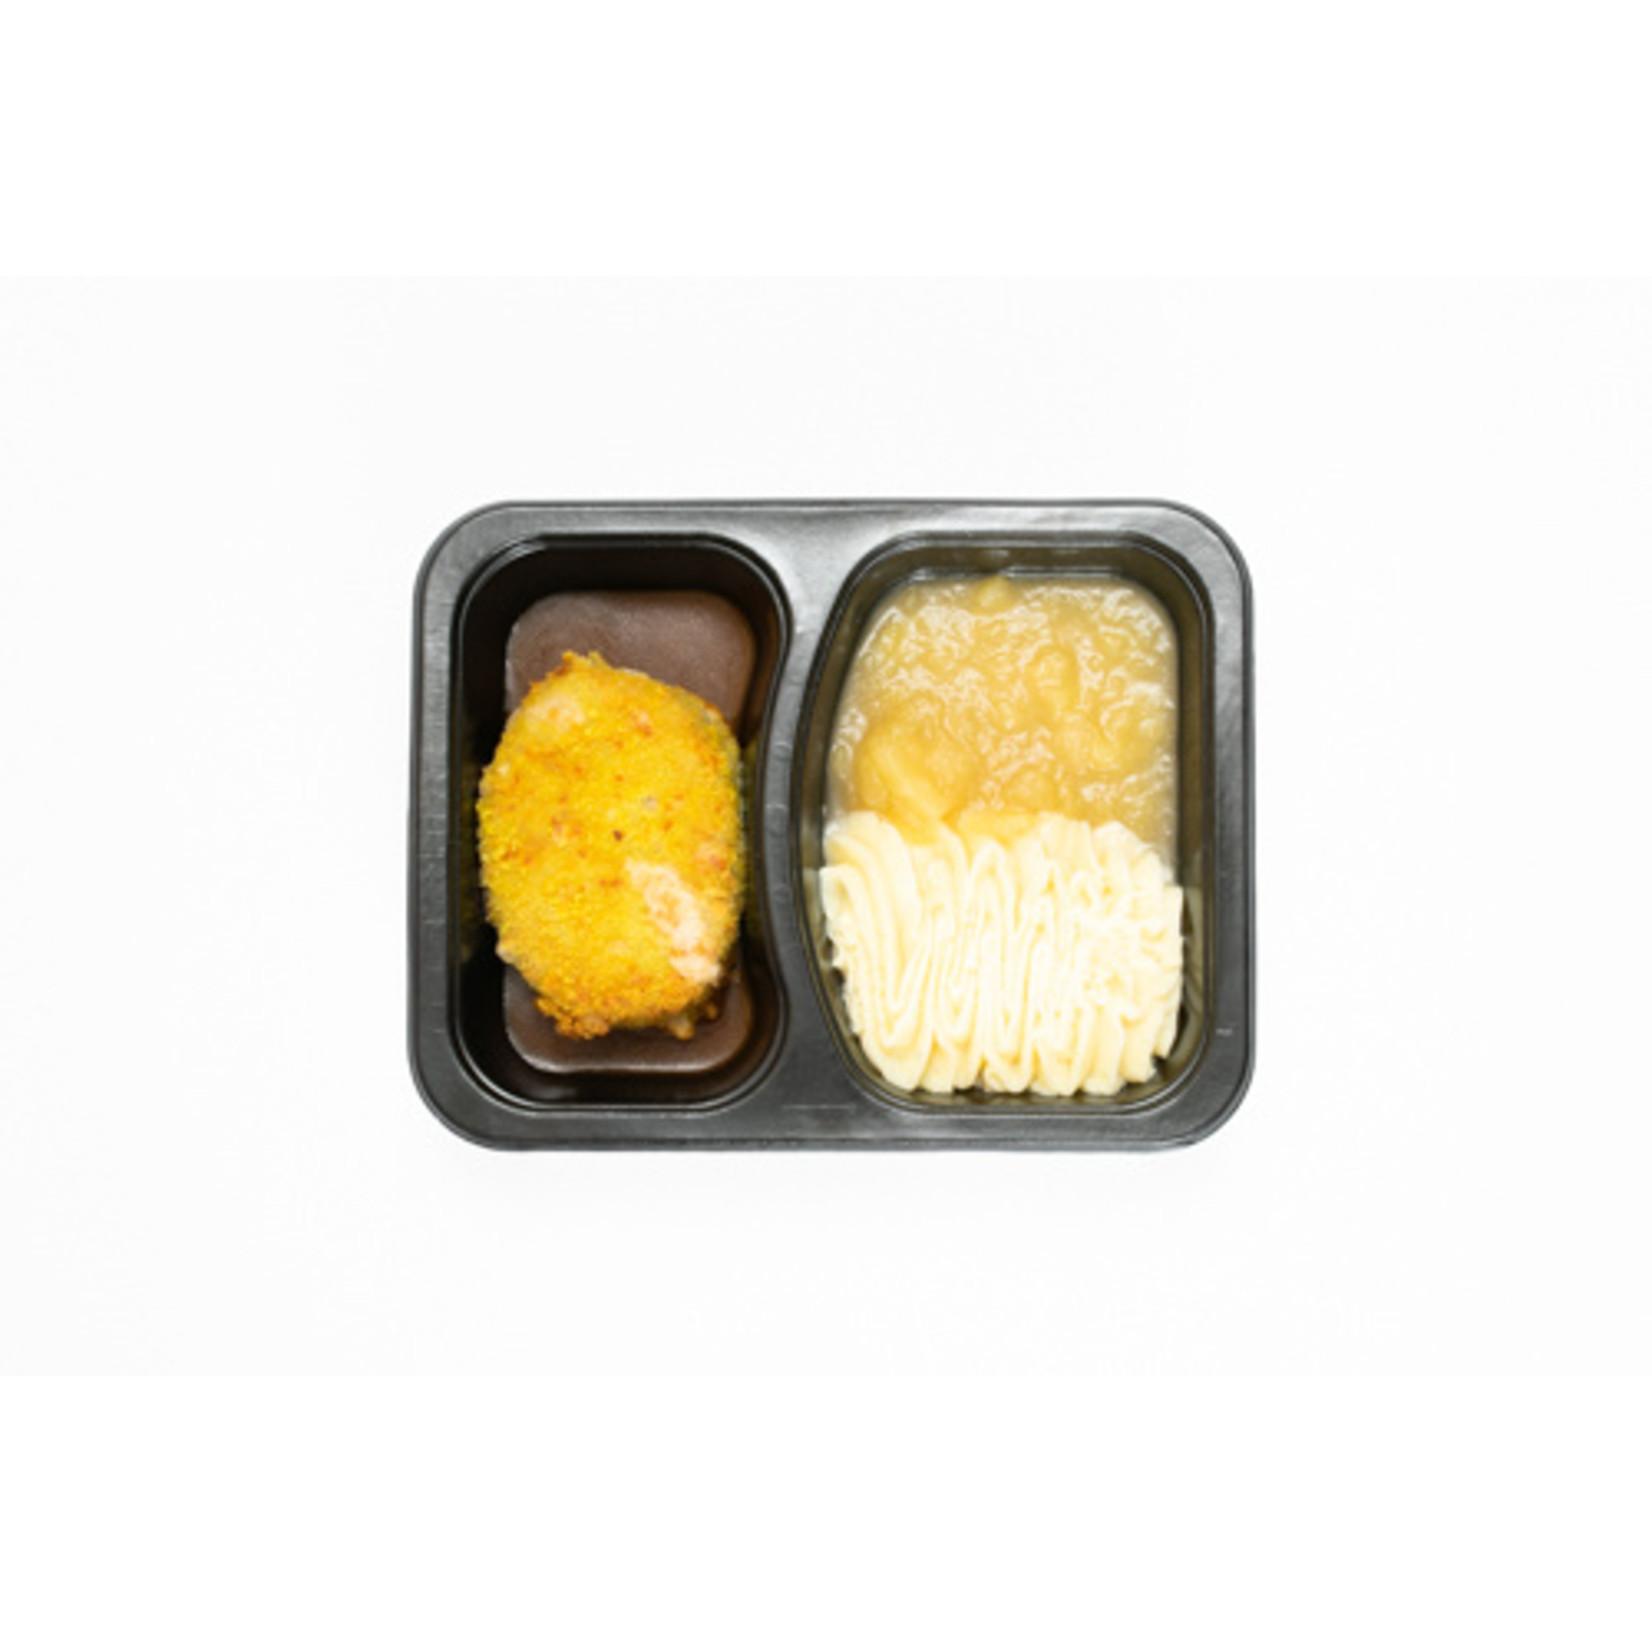 Zwitserse Schijf met Appelmoes en Puree